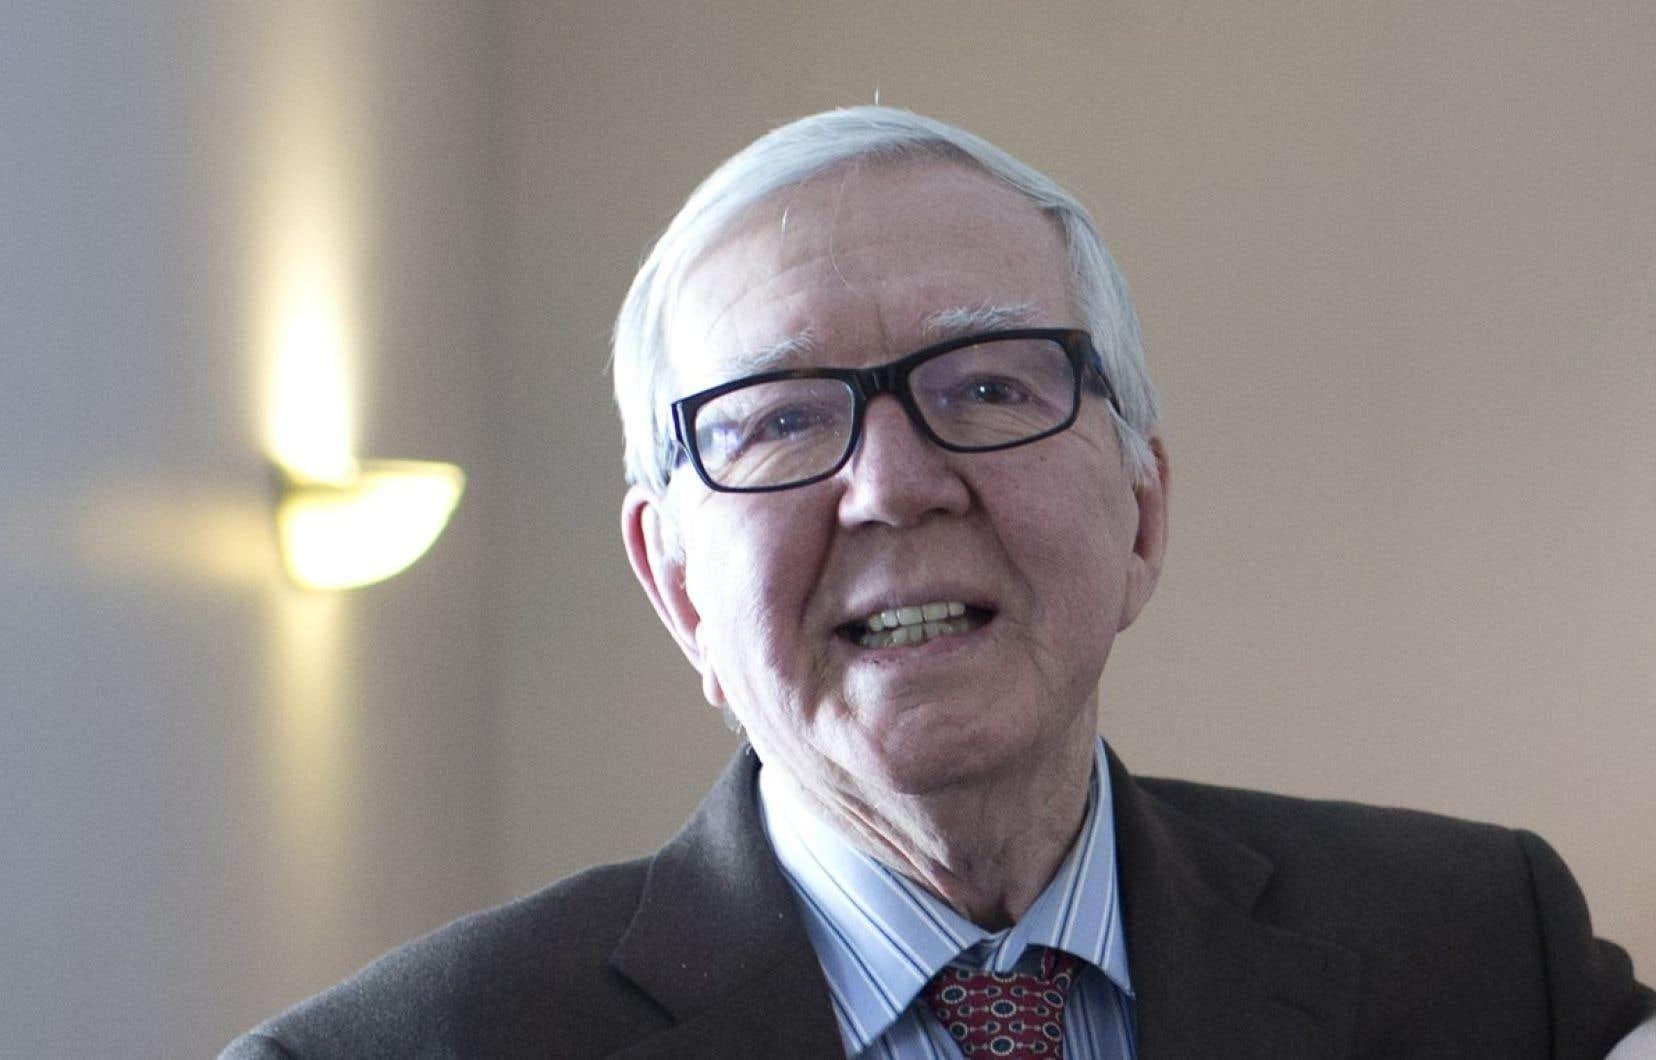 Le journaliste Guy Lamarche, qui a fait ses premiers pas dans la profession en écrivant dans les pages du «Devoir», est décédé la semaine dernière à l'âge de 86ans.